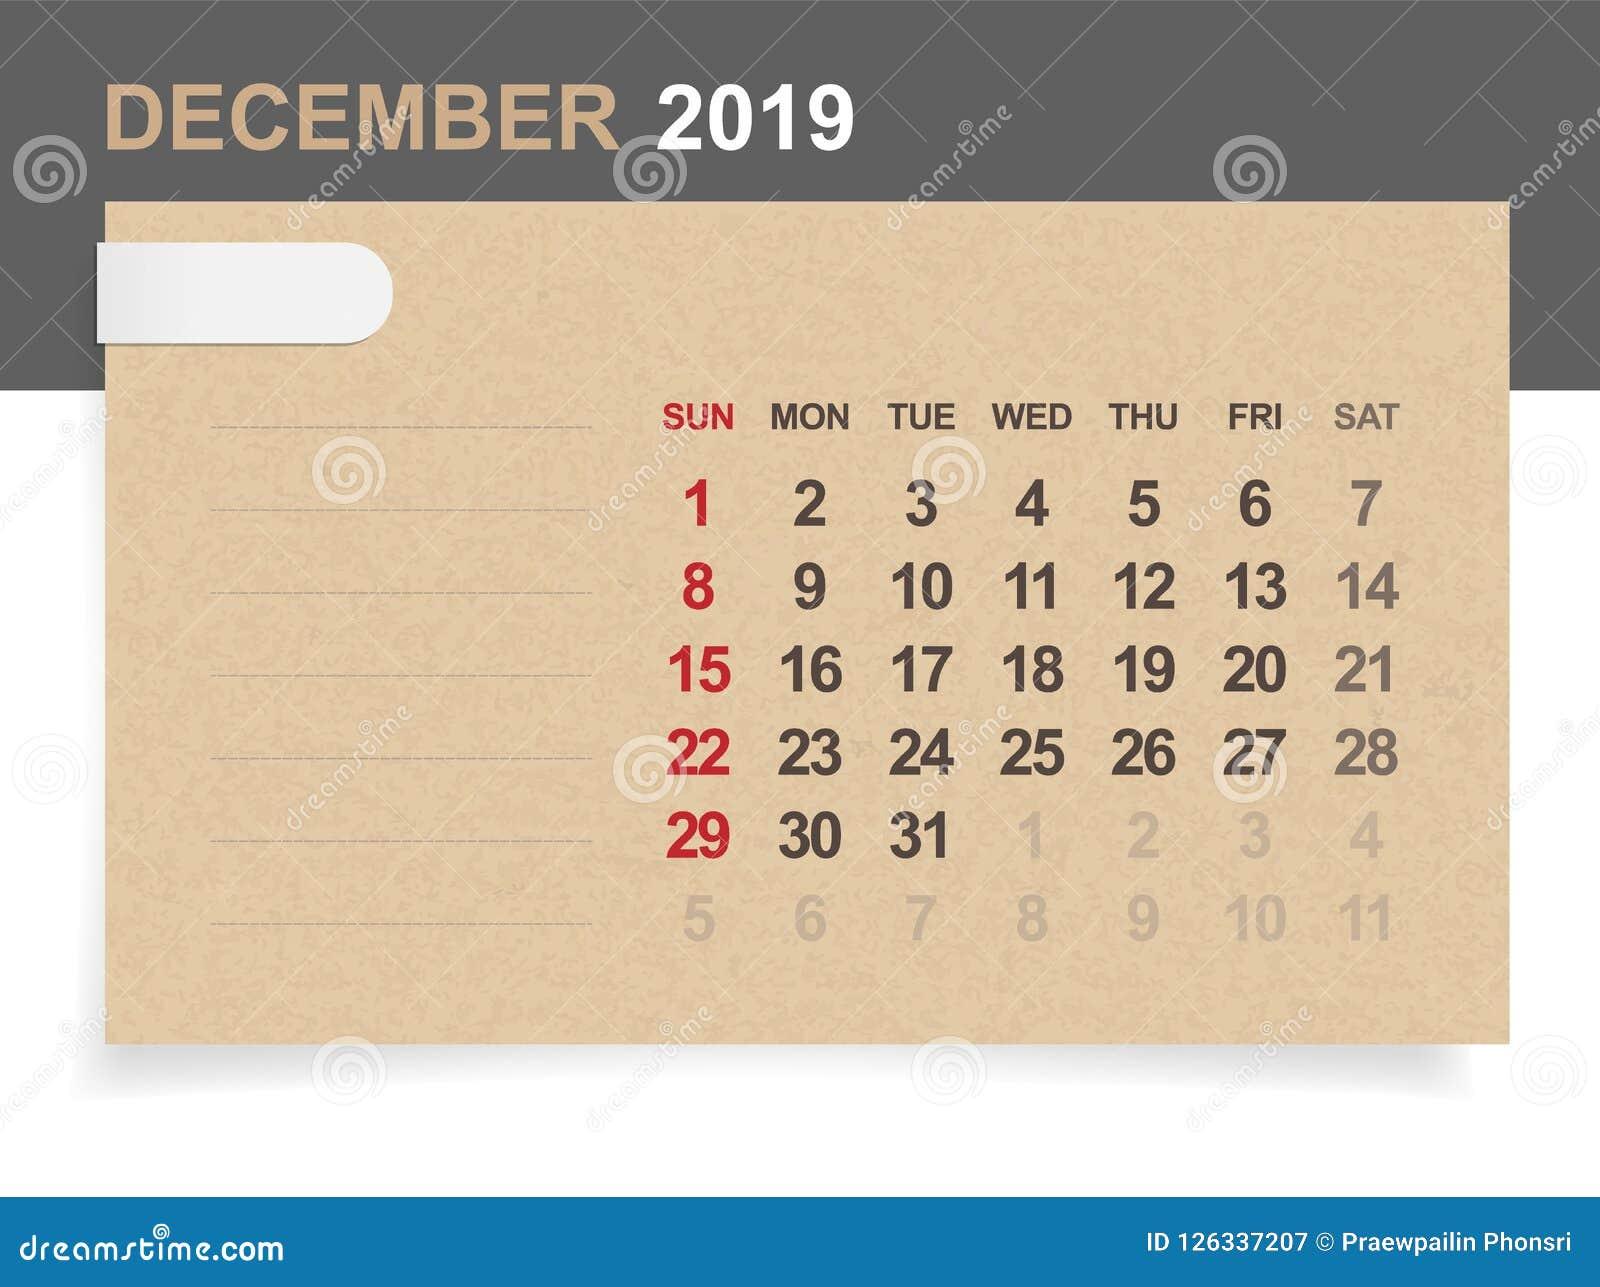 Calendrier Mensuel Decembre 2019.Decembre 2019 Calendrier Mensuel Sur Le Fond De Papier